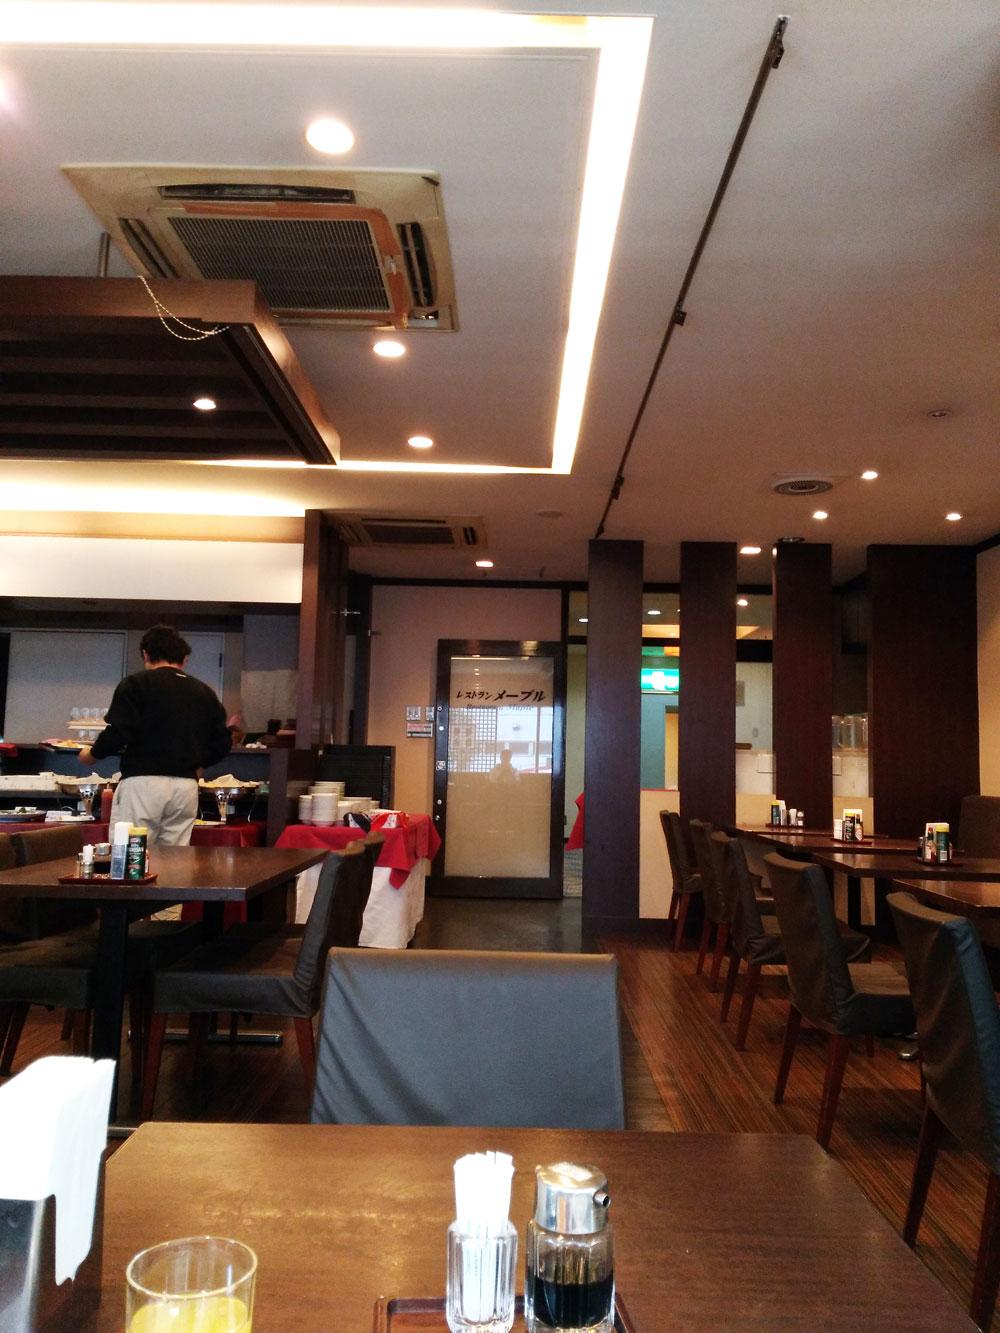 ホテルリブマックス横浜鶴見の朝食会場